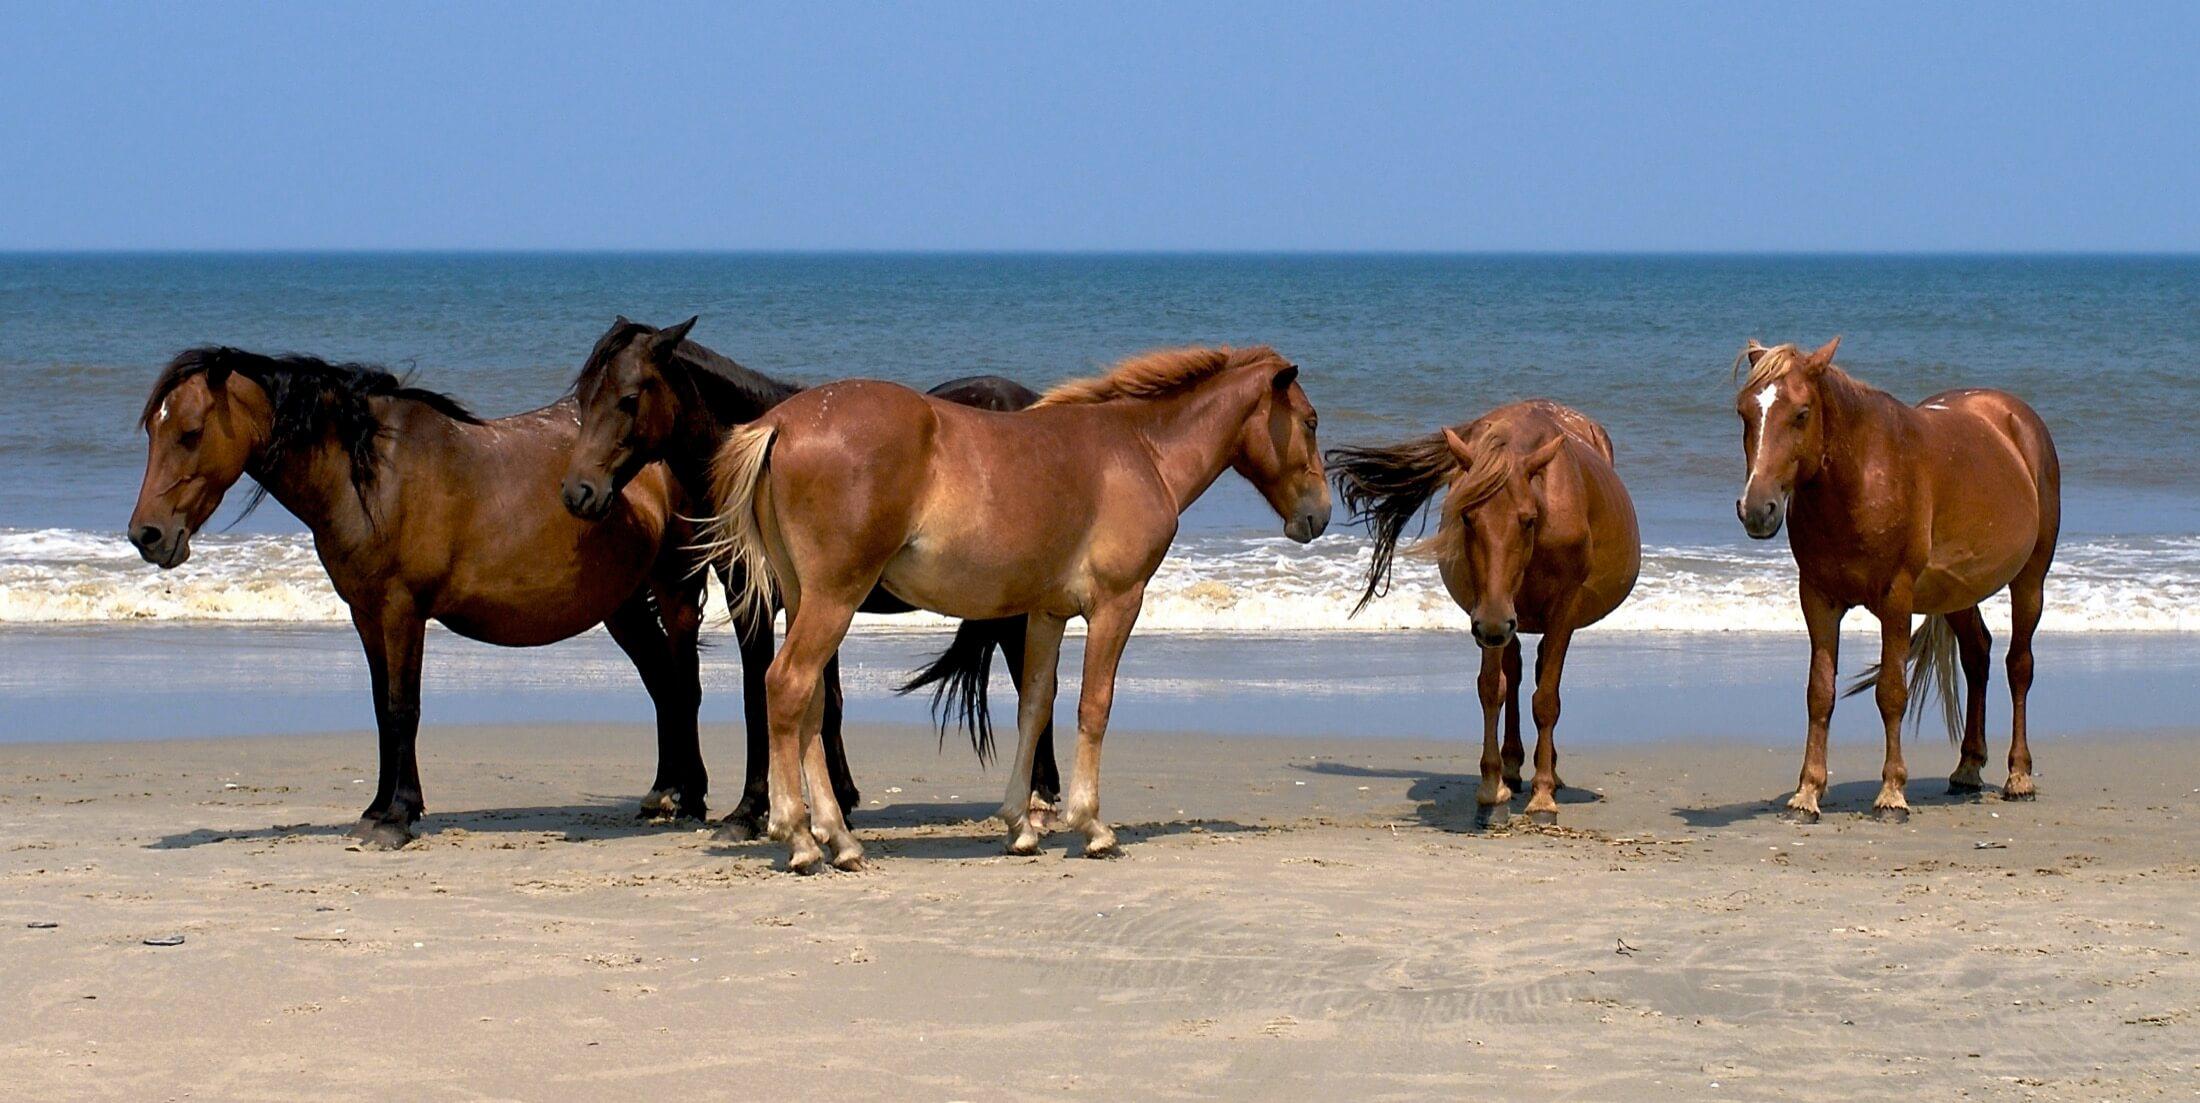 Wild Horses North Carolina, Carrot Island Horses